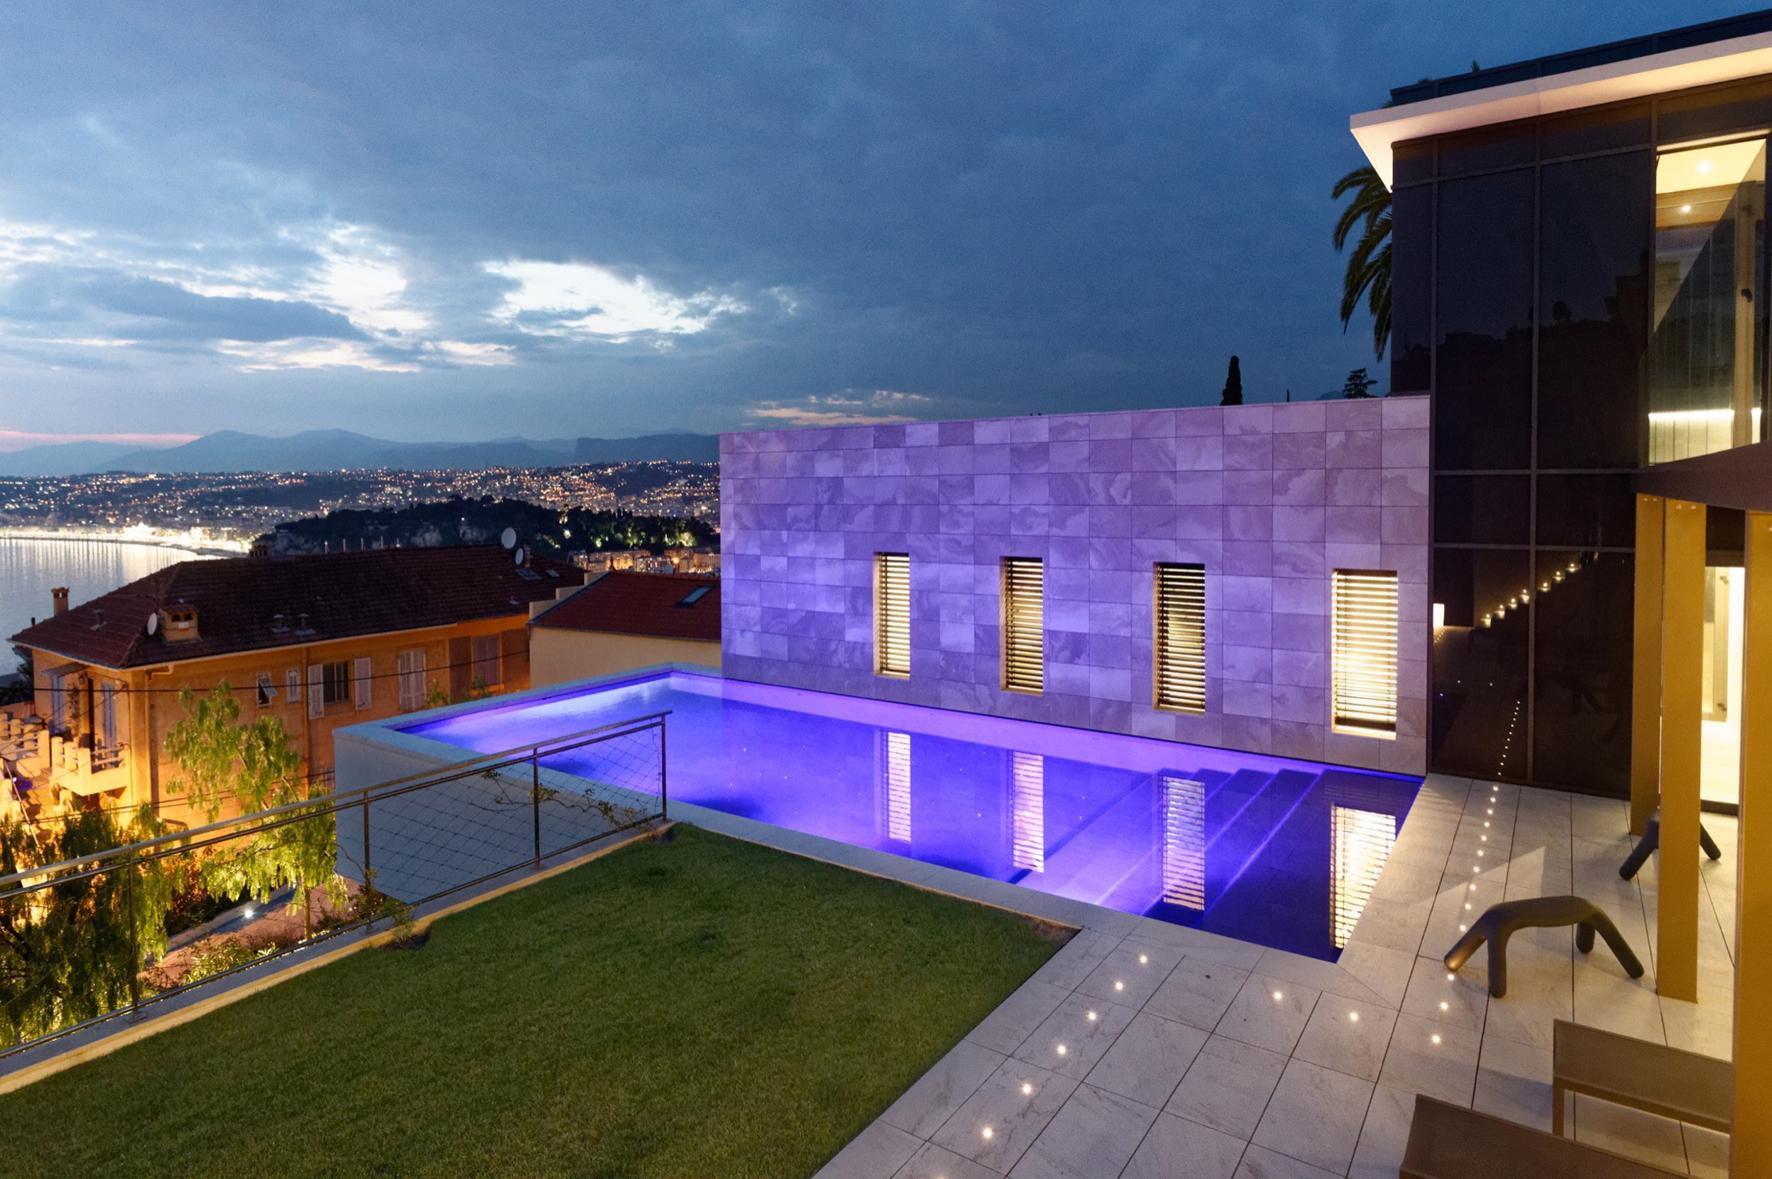 piscine d'extérieure illuminée lauréate des Trophées de la piscine 2018 catégorie piscine de nuit